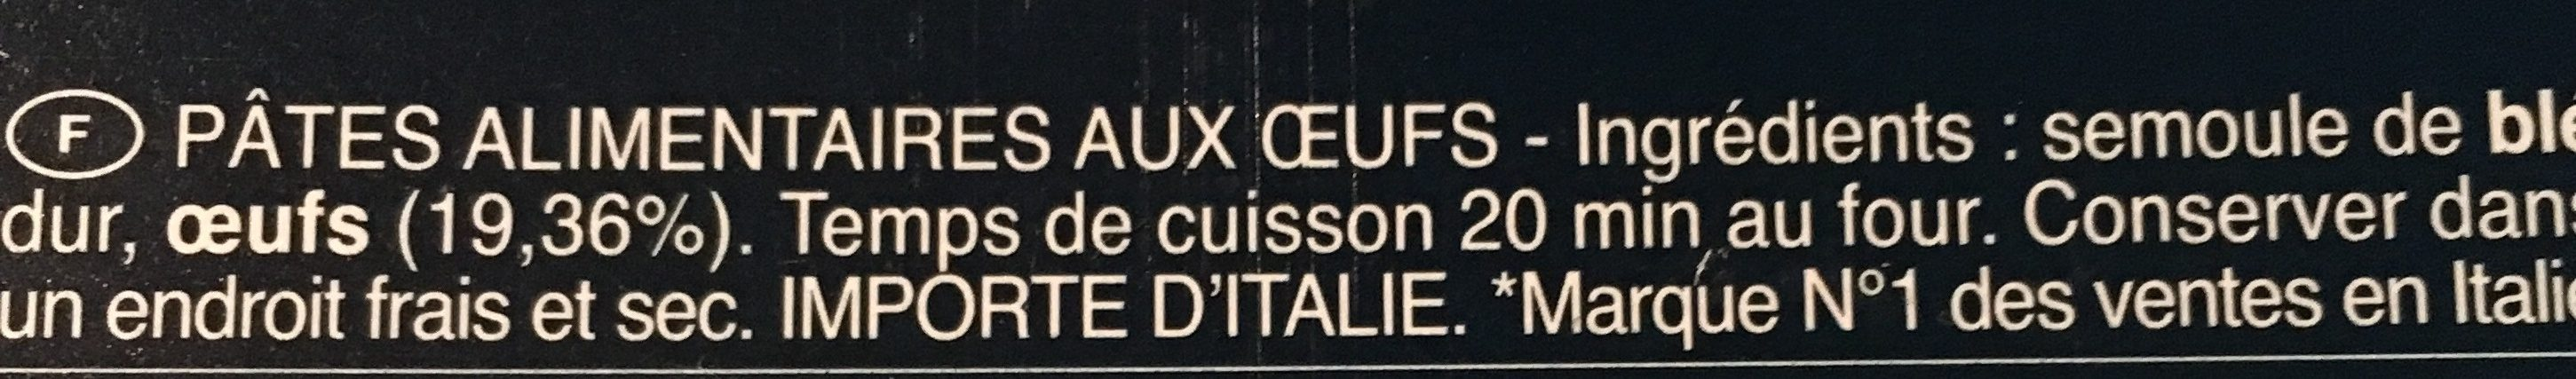 Lasagne all'uovo - Ingrédients - fr